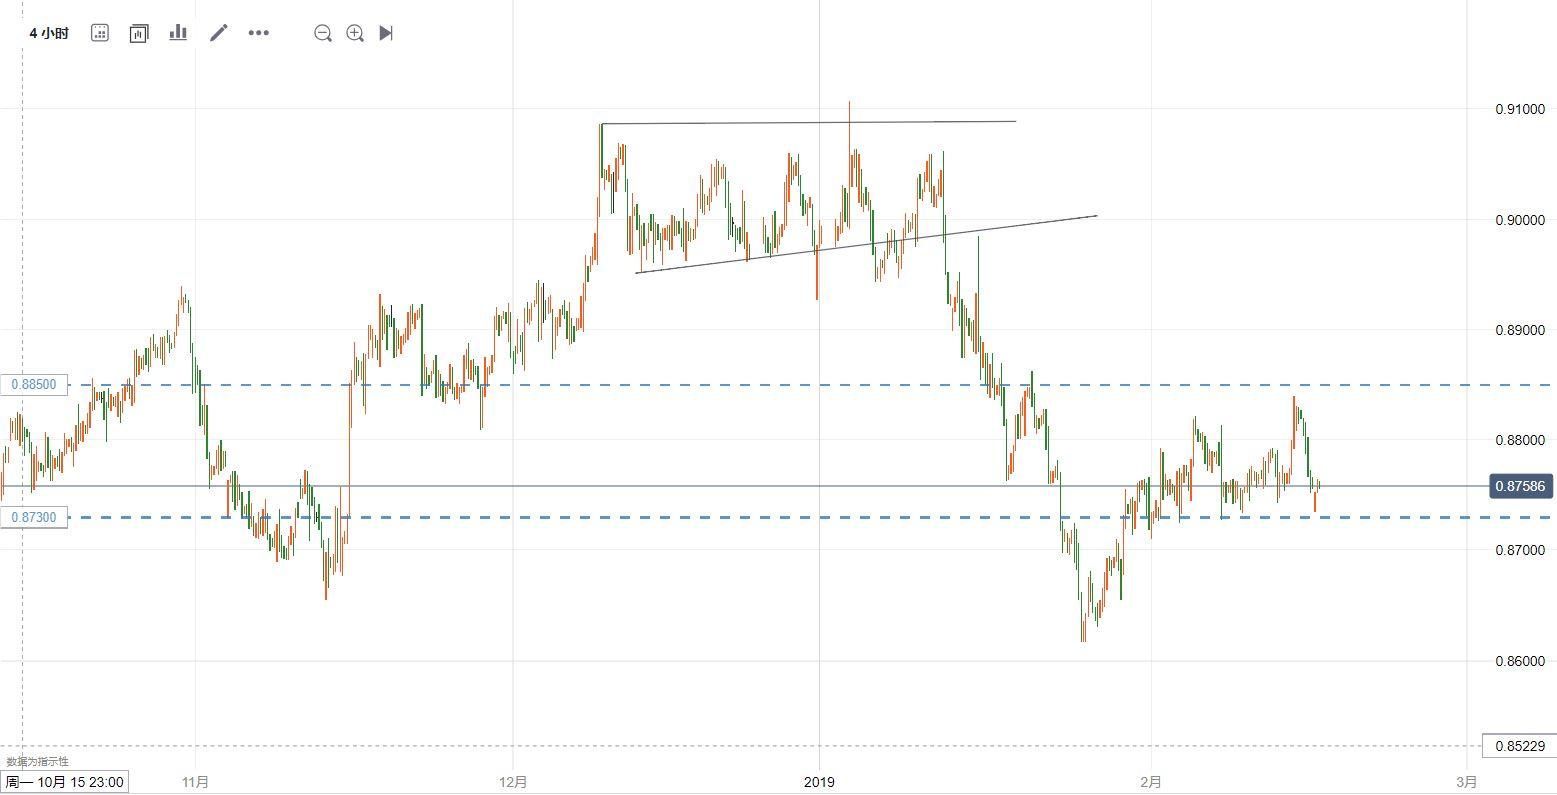 欧元/英镑技术分析:短线可能继续在区间震荡